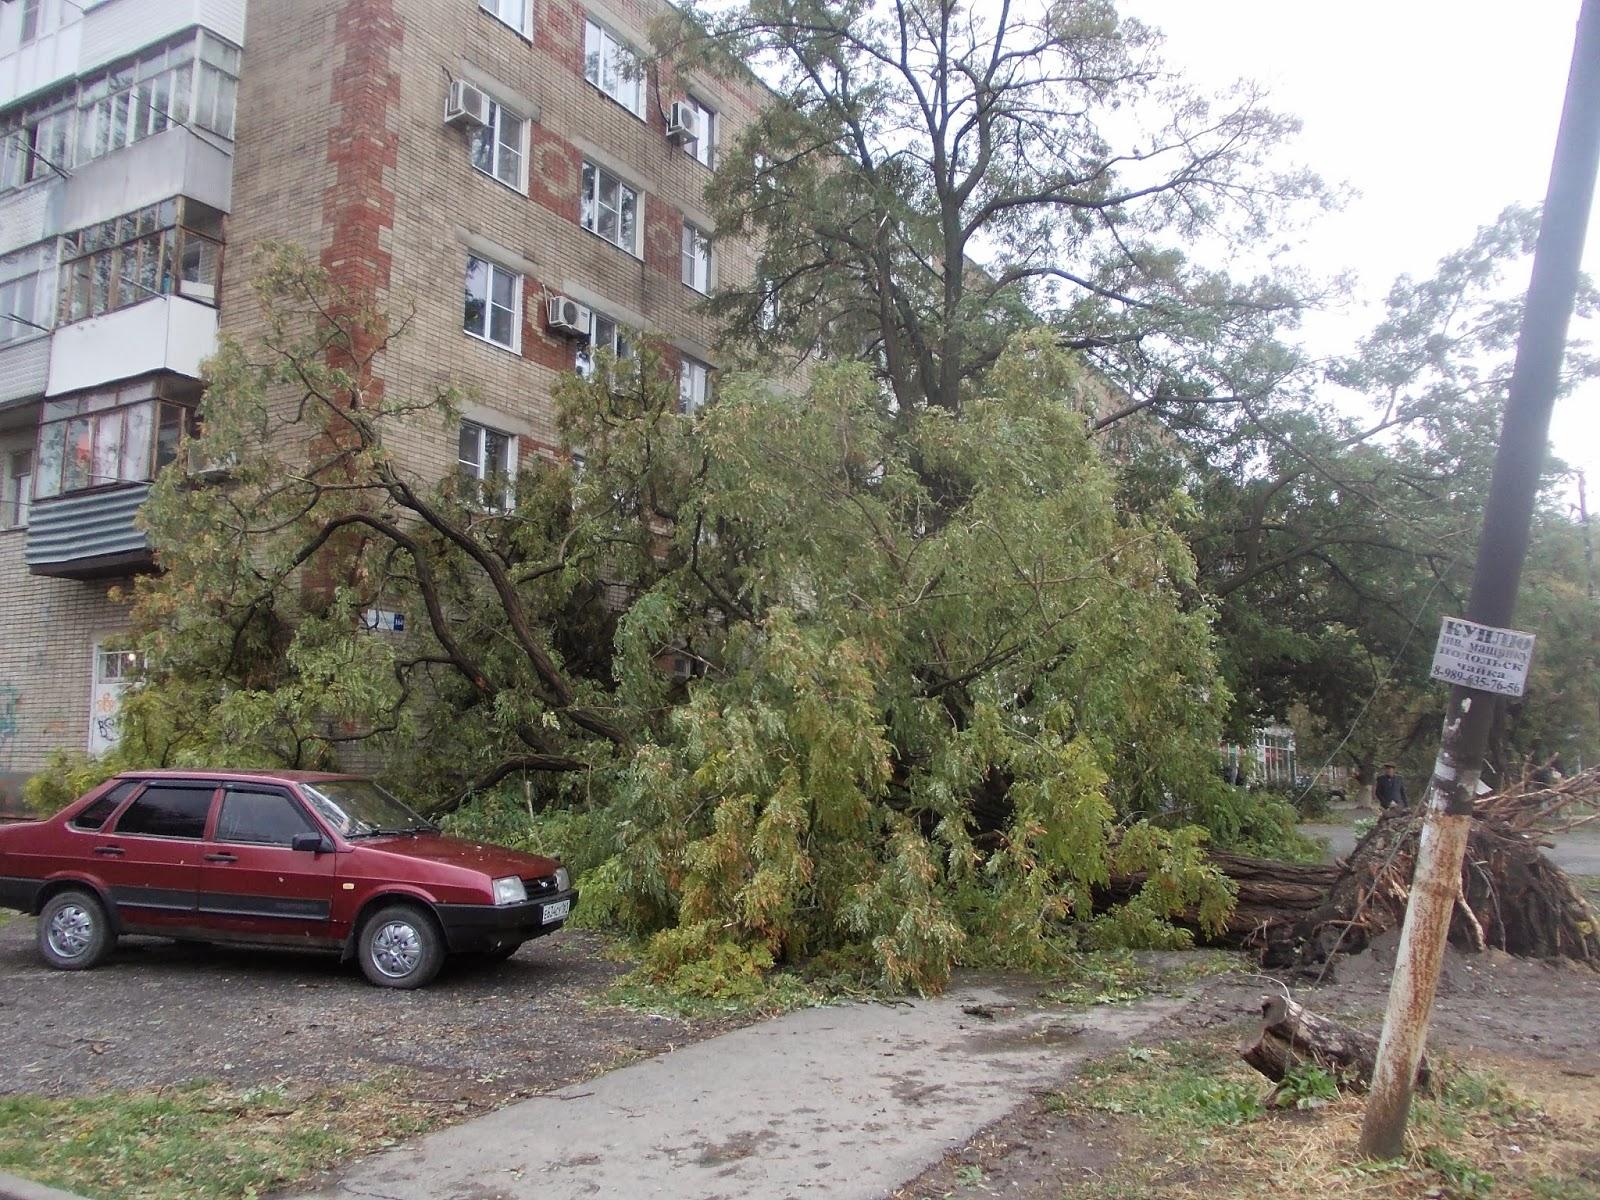 ураган в Таганроге, ураган в Ростовской области, Таганрог после урагана